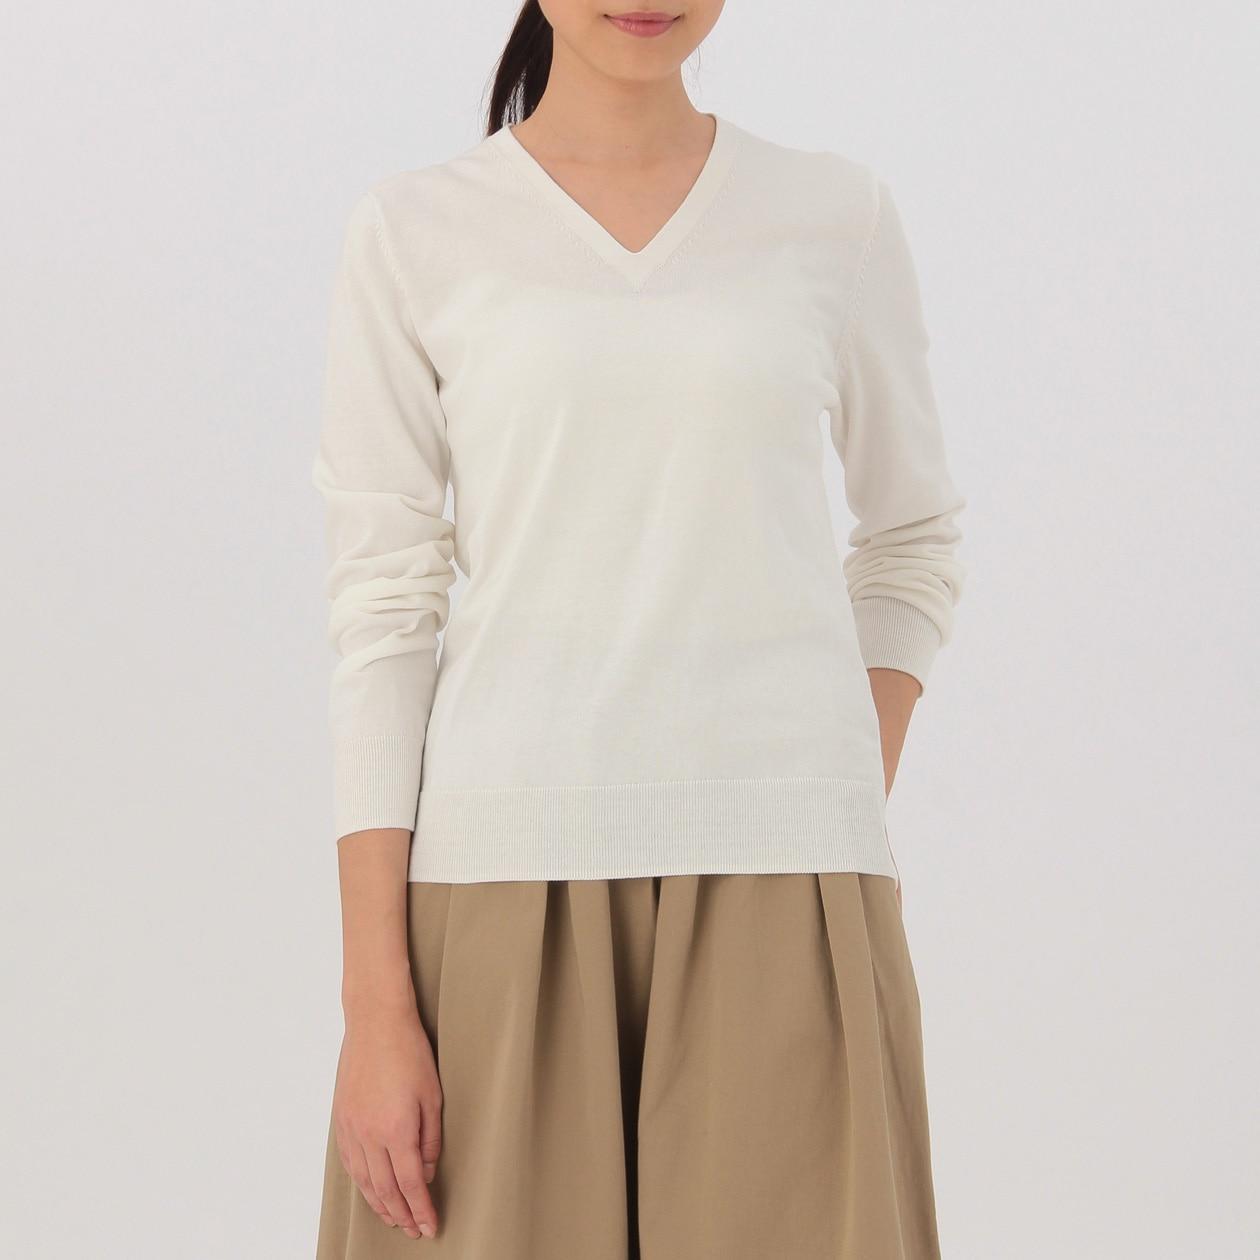 最新のデザインエレガントな女性のvネック白セミフォーマルなトップスやブラウス